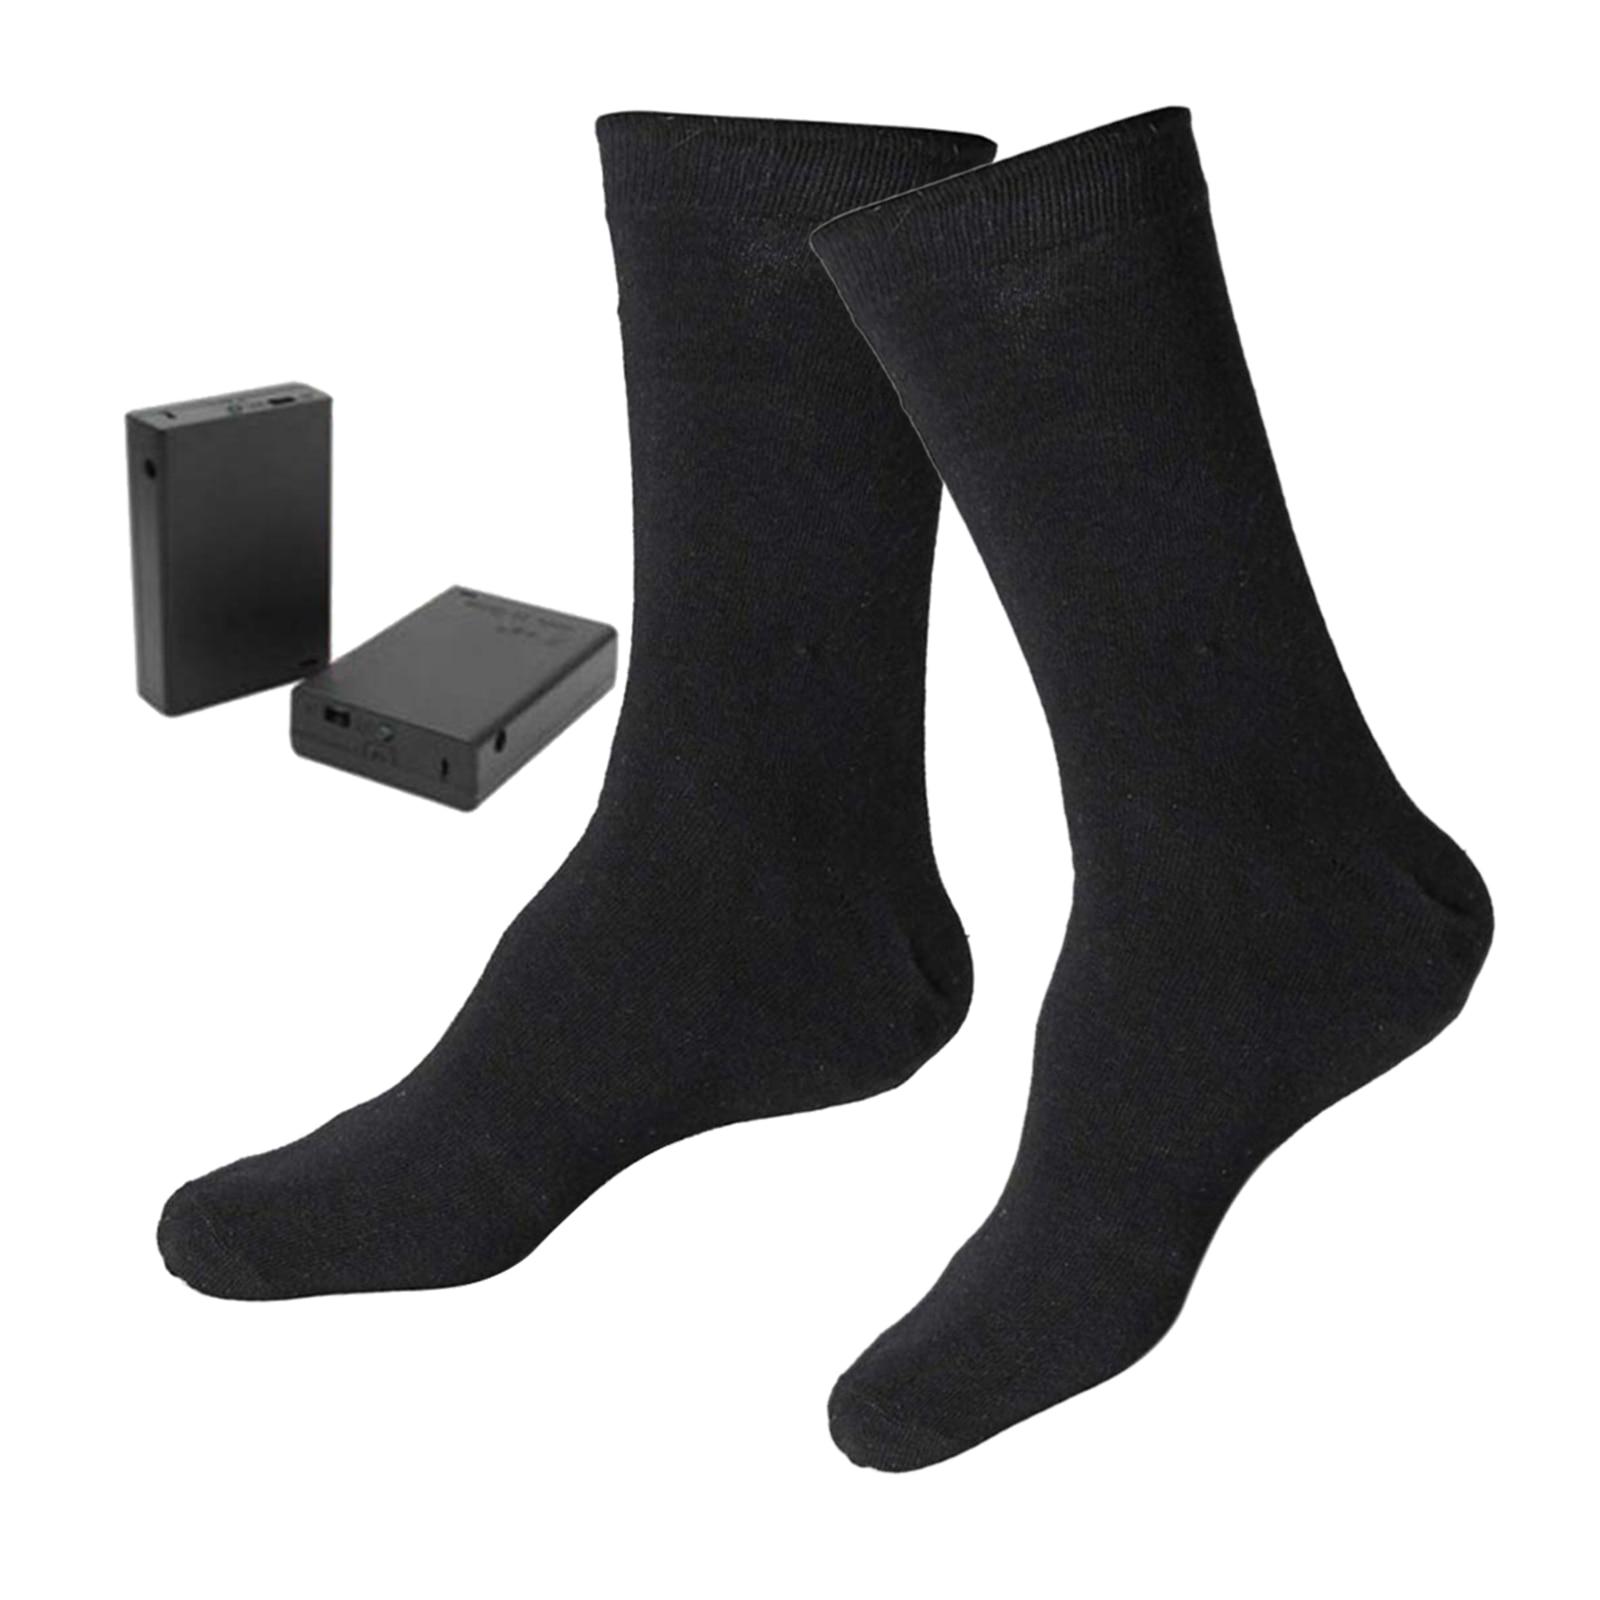 Electric Heated Socks Rechargeable Battery Winter Feet Warmer Men Women Outdoor